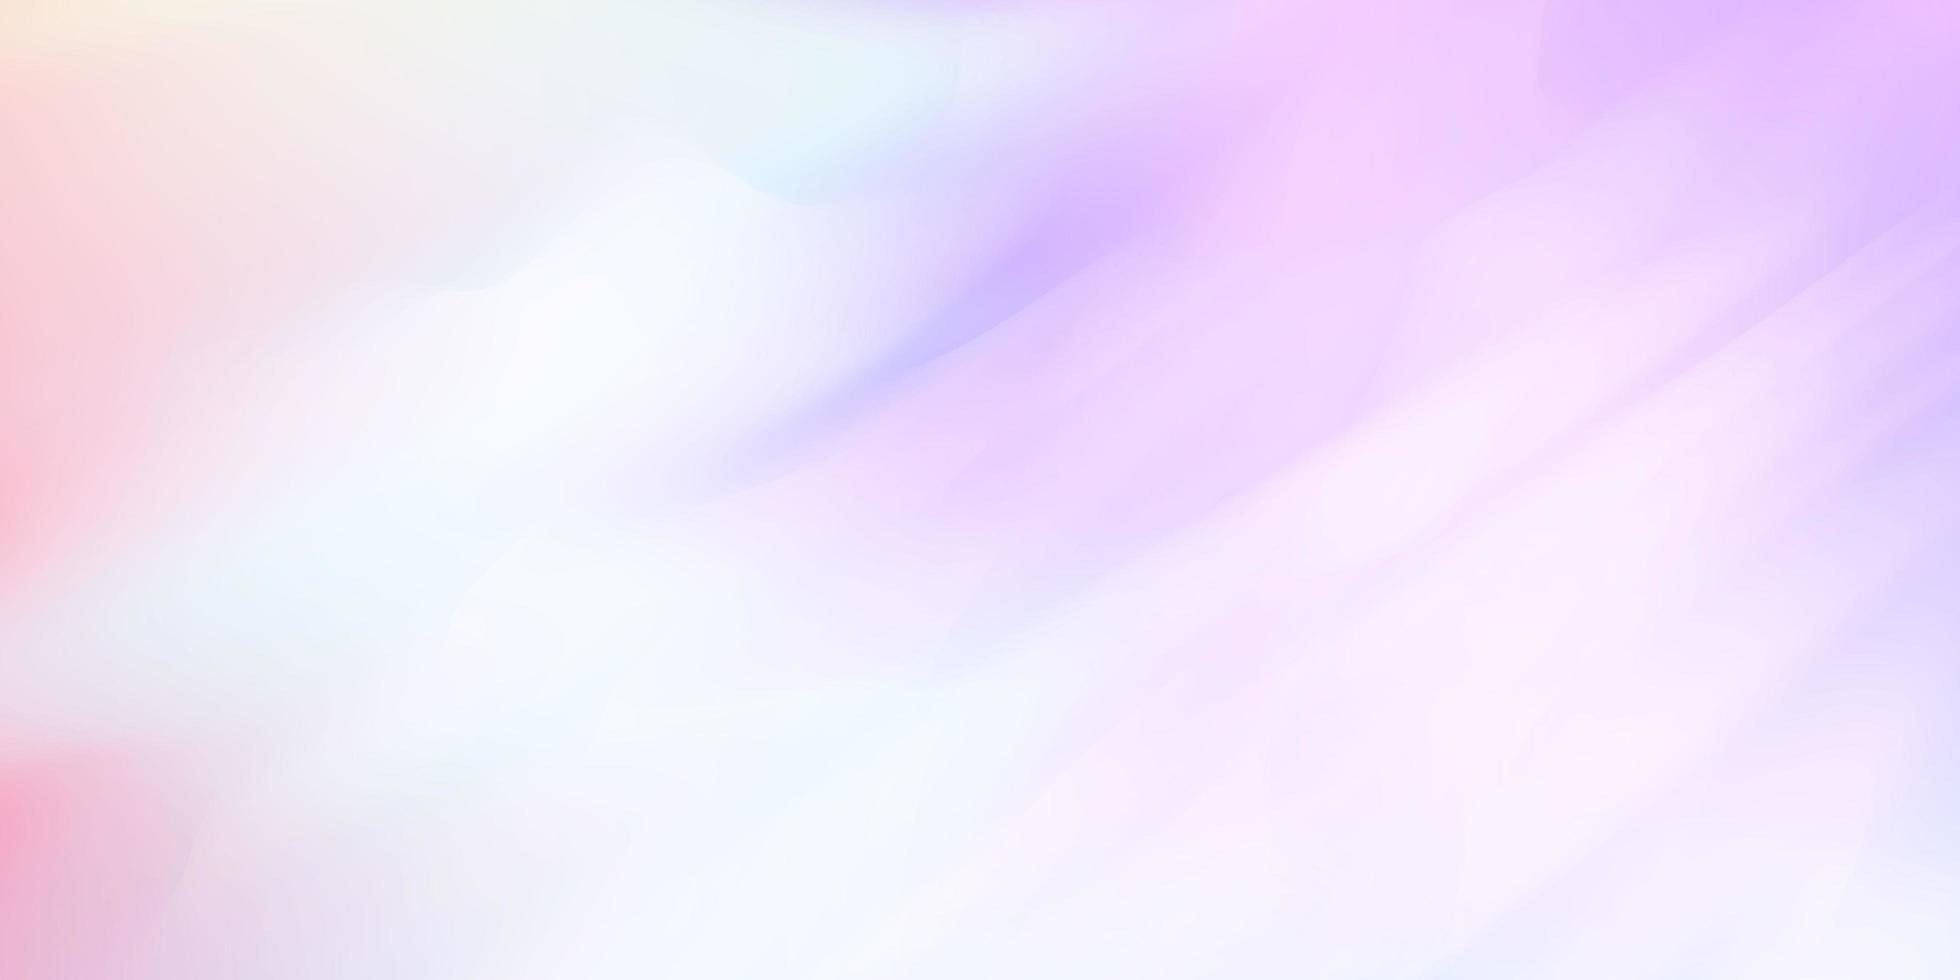 abstrakt pastellfärgad tonad bakgrundskoncept för din grafiska färgglada design vektor